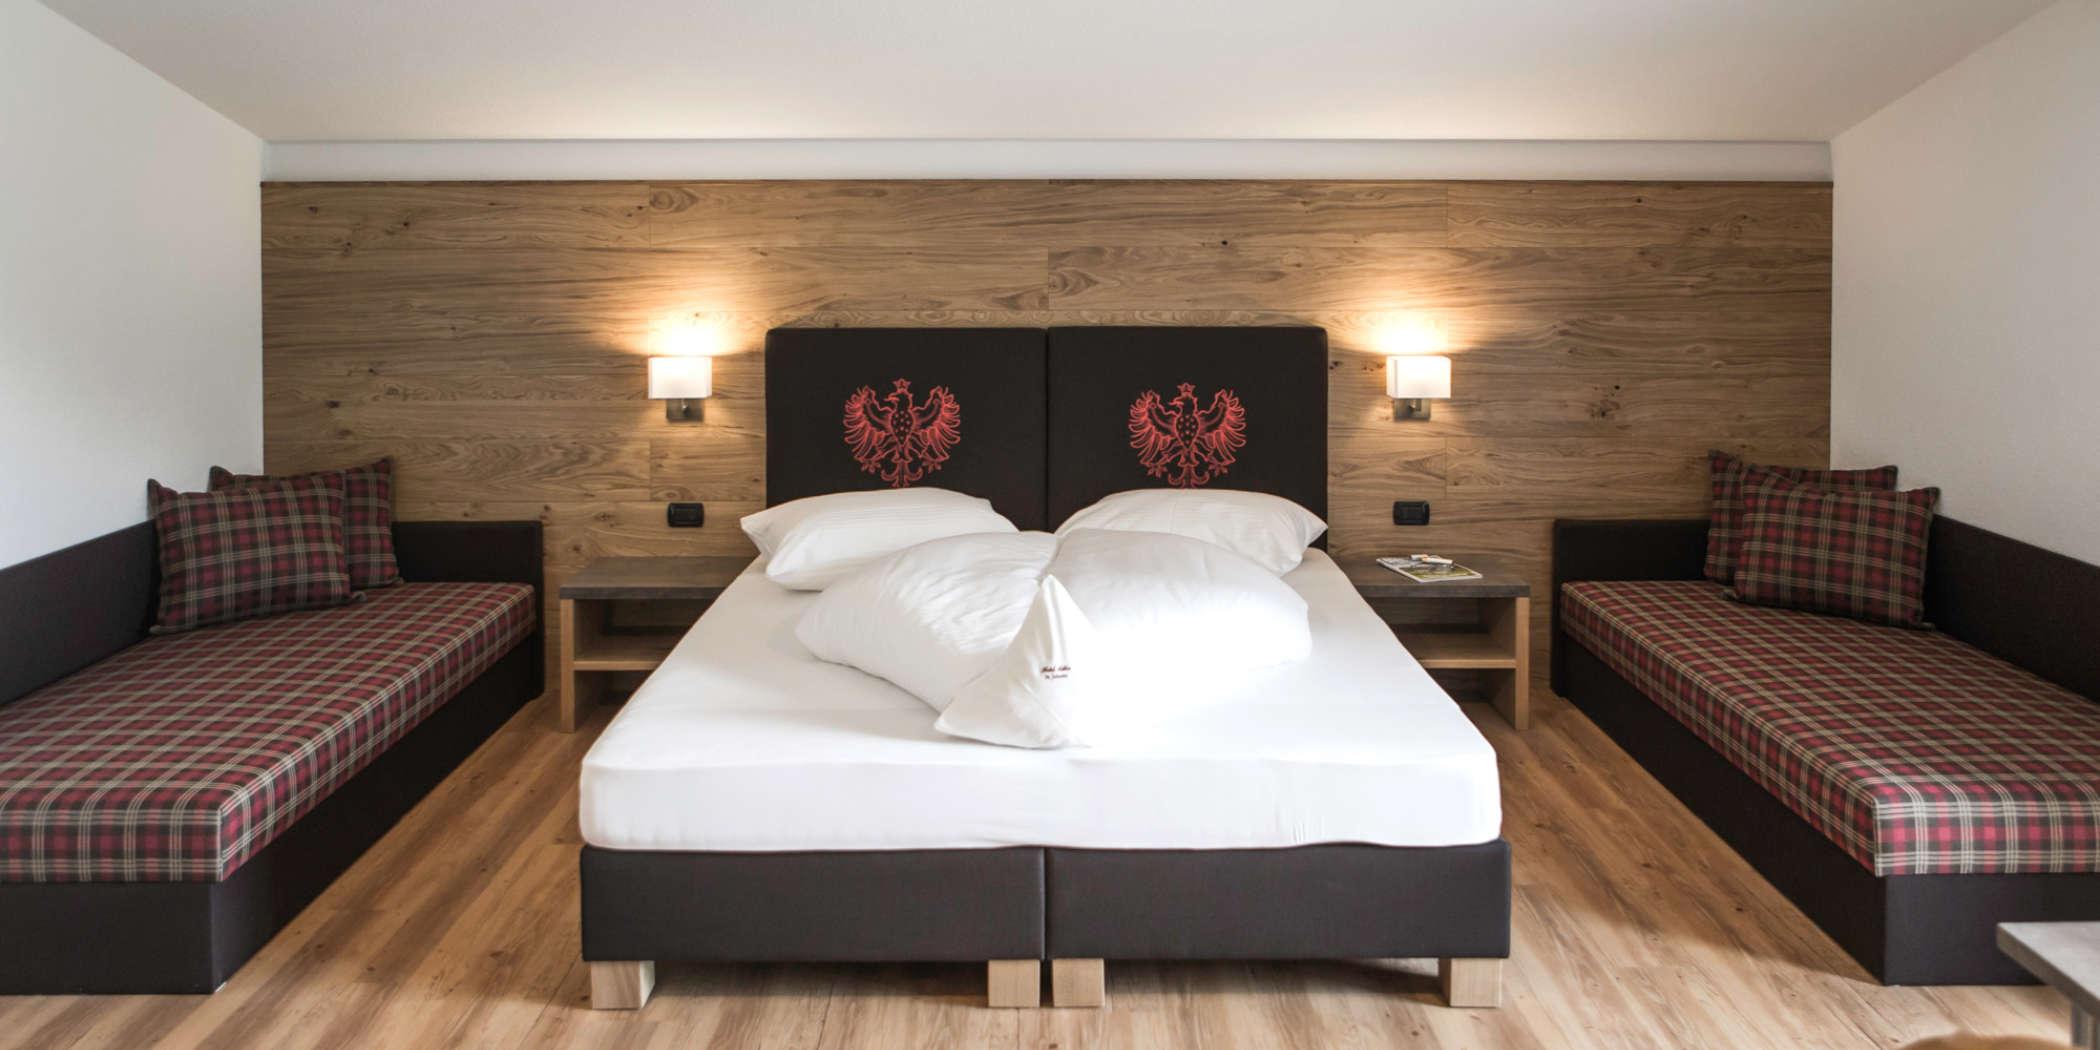 damenbesuch einzelzimmer hotel